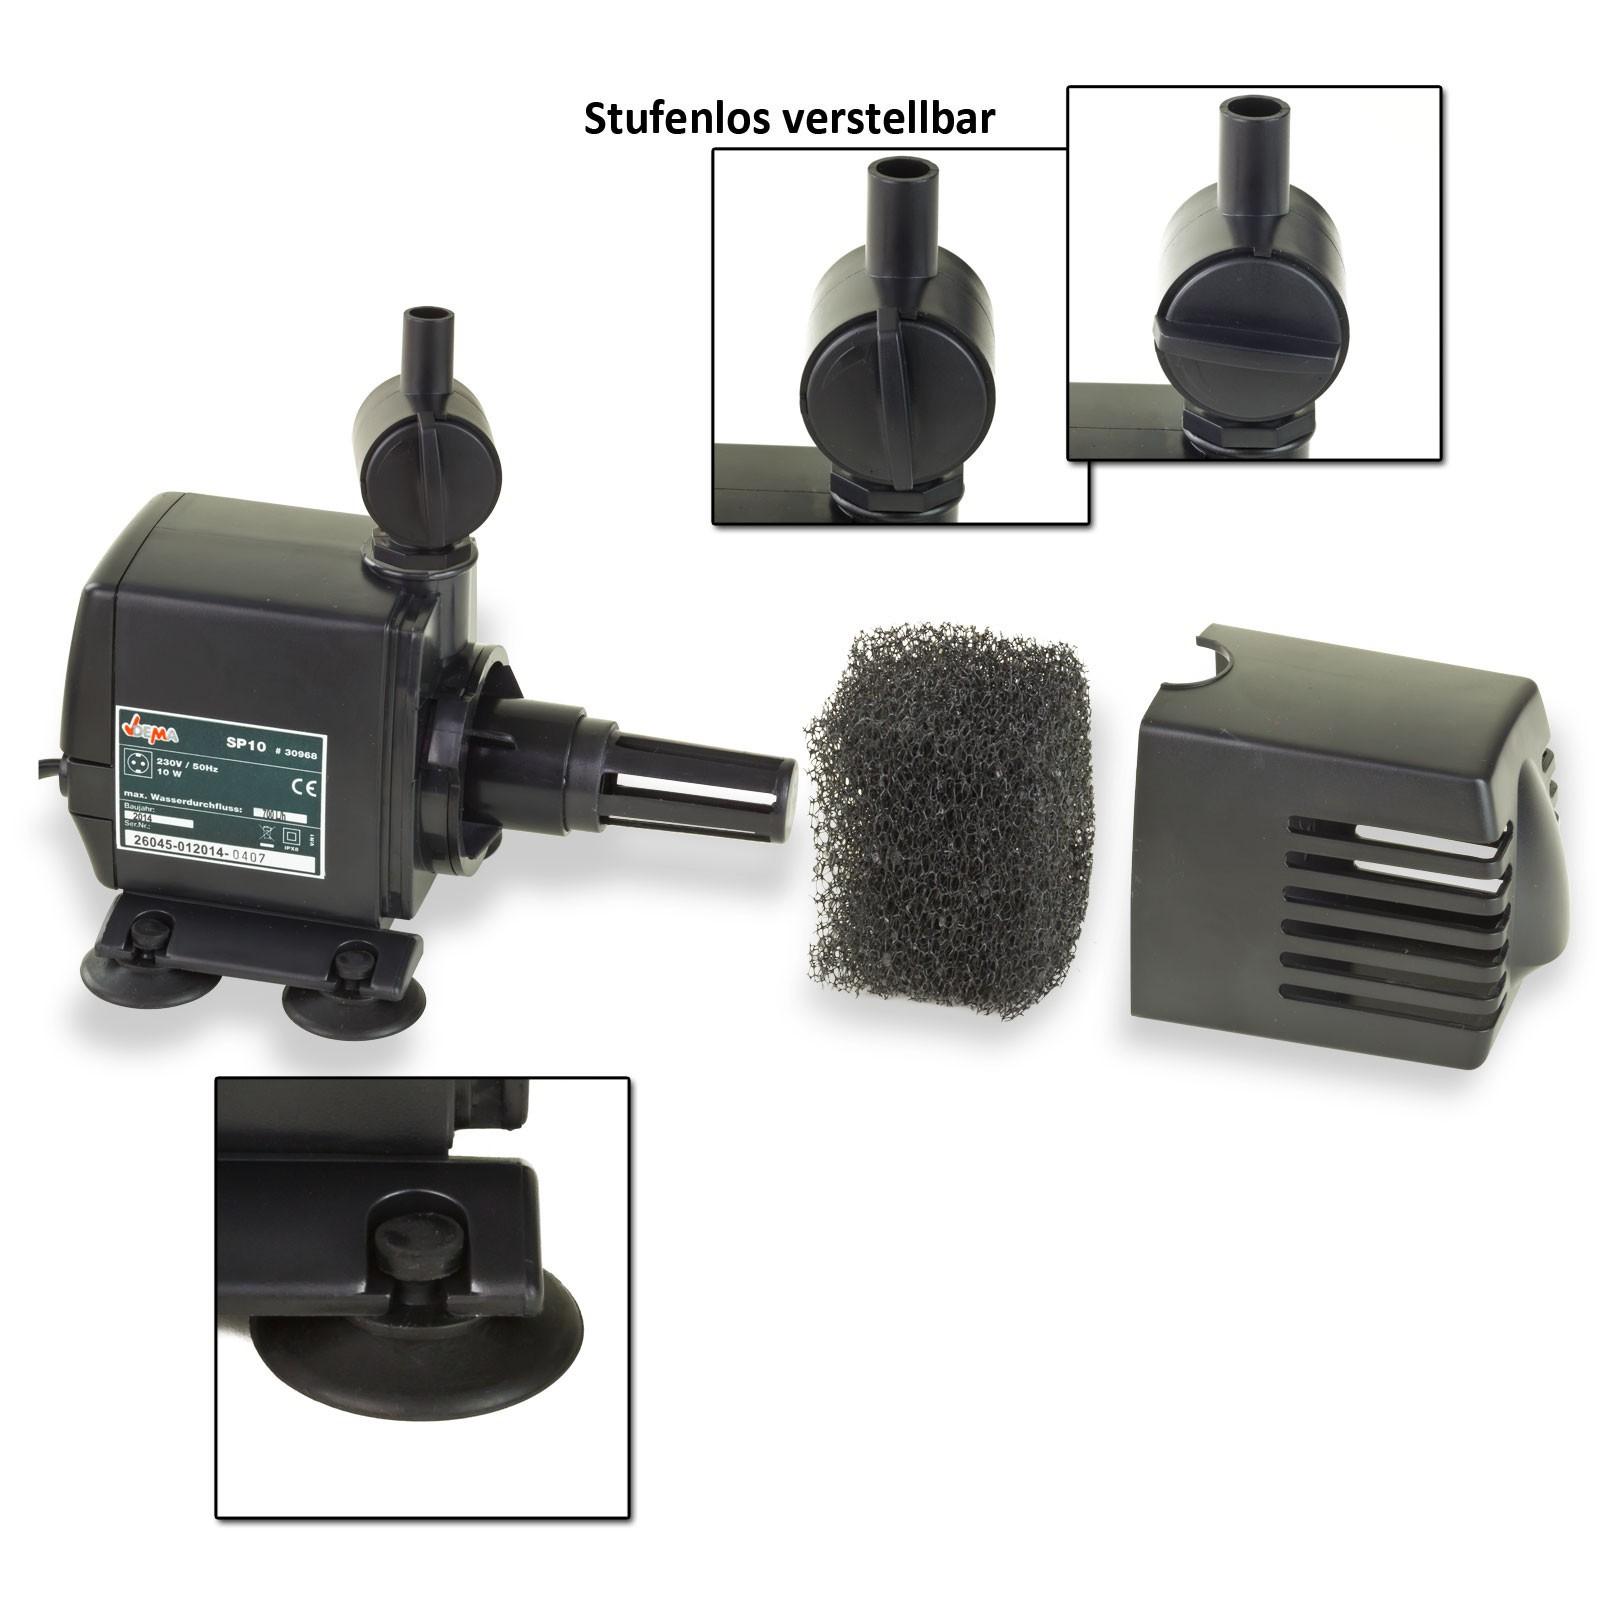 Dema springbrunnenpumpe sp20 wasserspiel pumpe f r for Gartenteich ohne pumpe